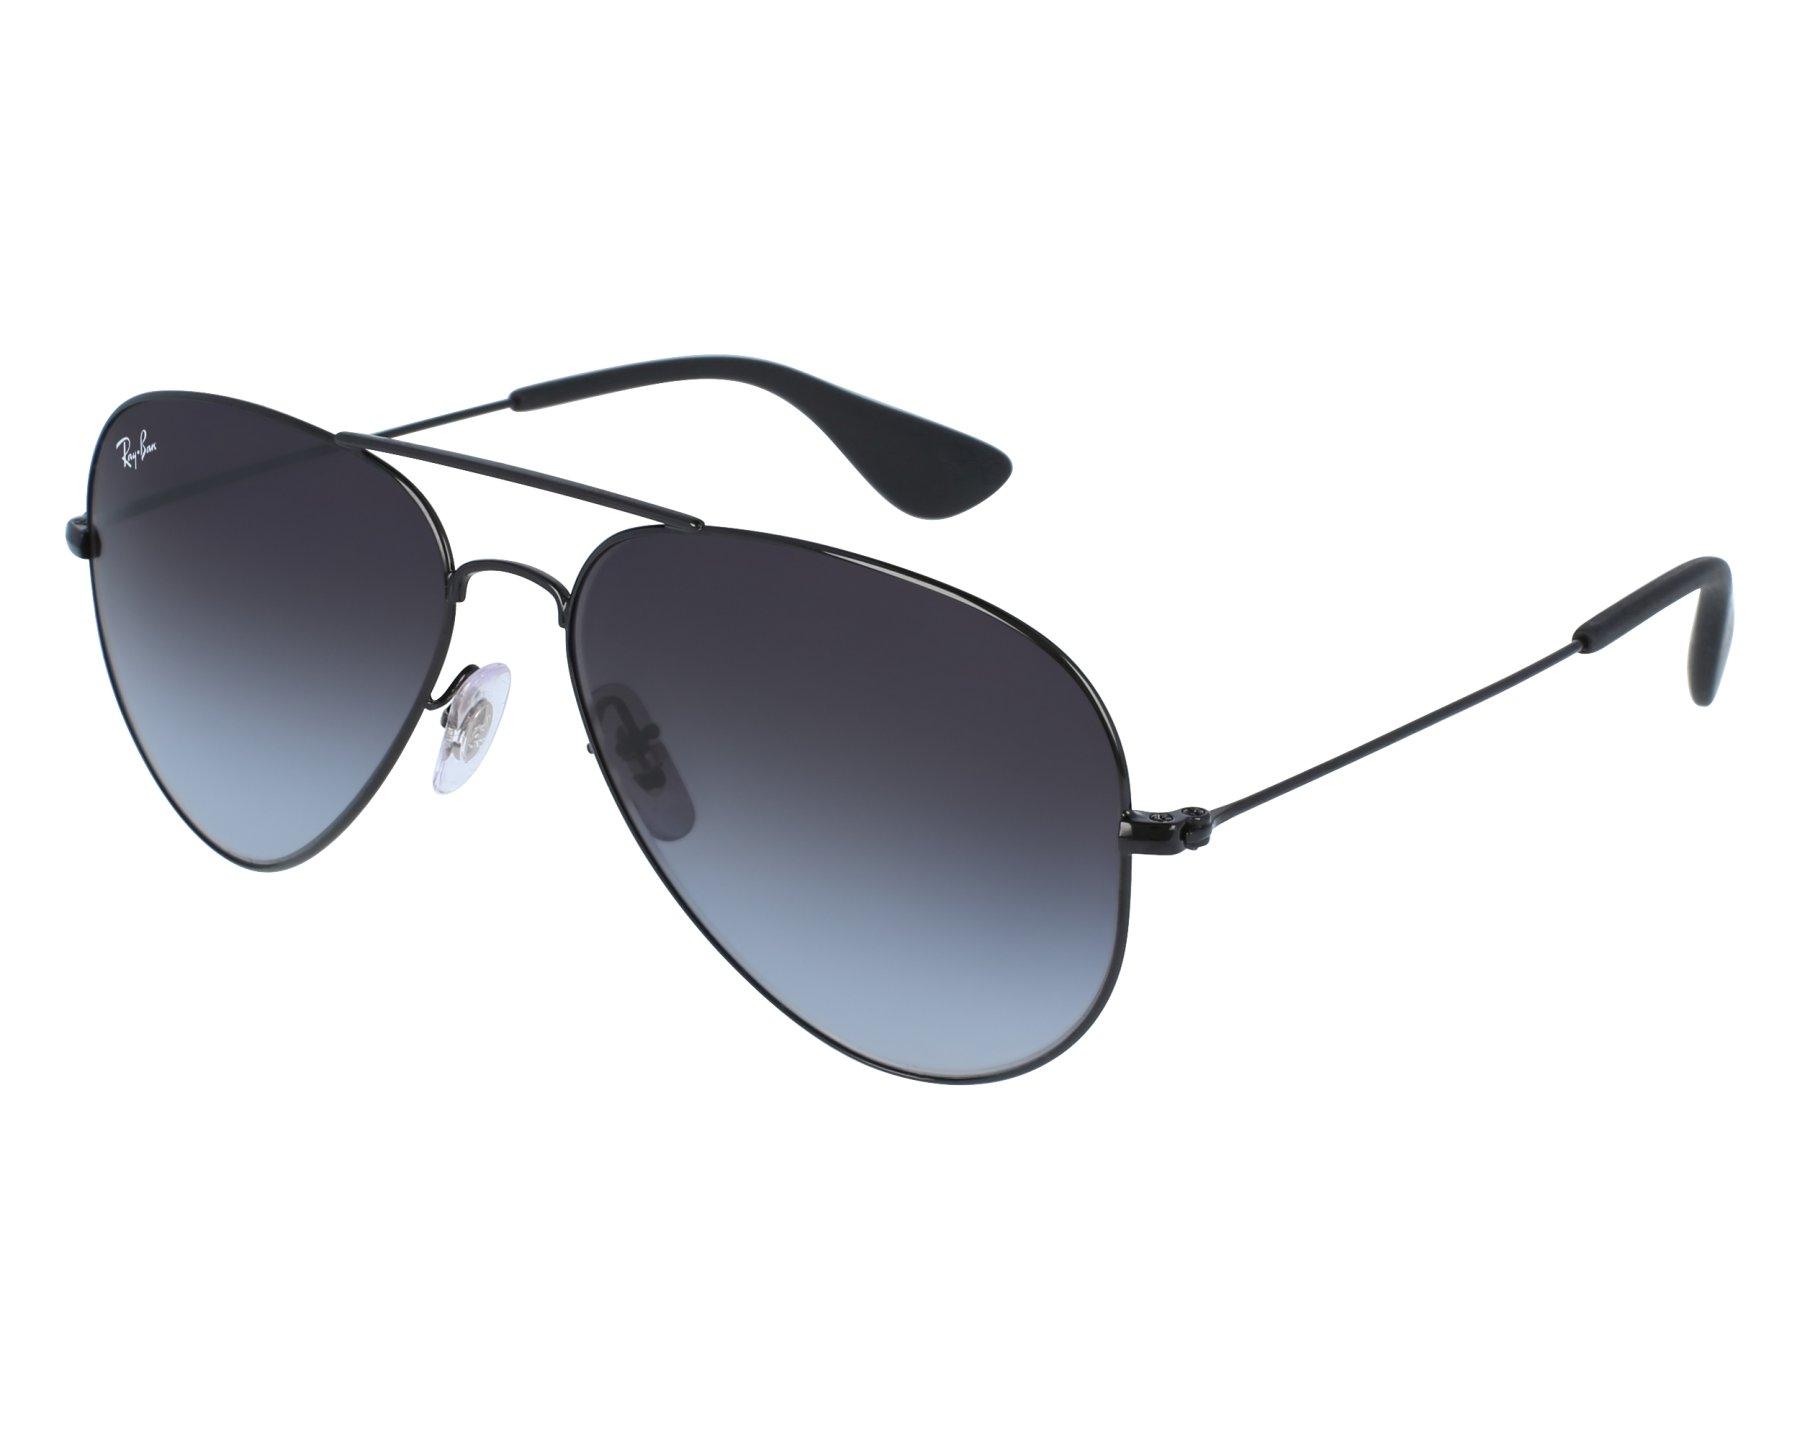 lunettes de soleil ray ban rb 3558 002 8g noir avec des verres gris. Black Bedroom Furniture Sets. Home Design Ideas